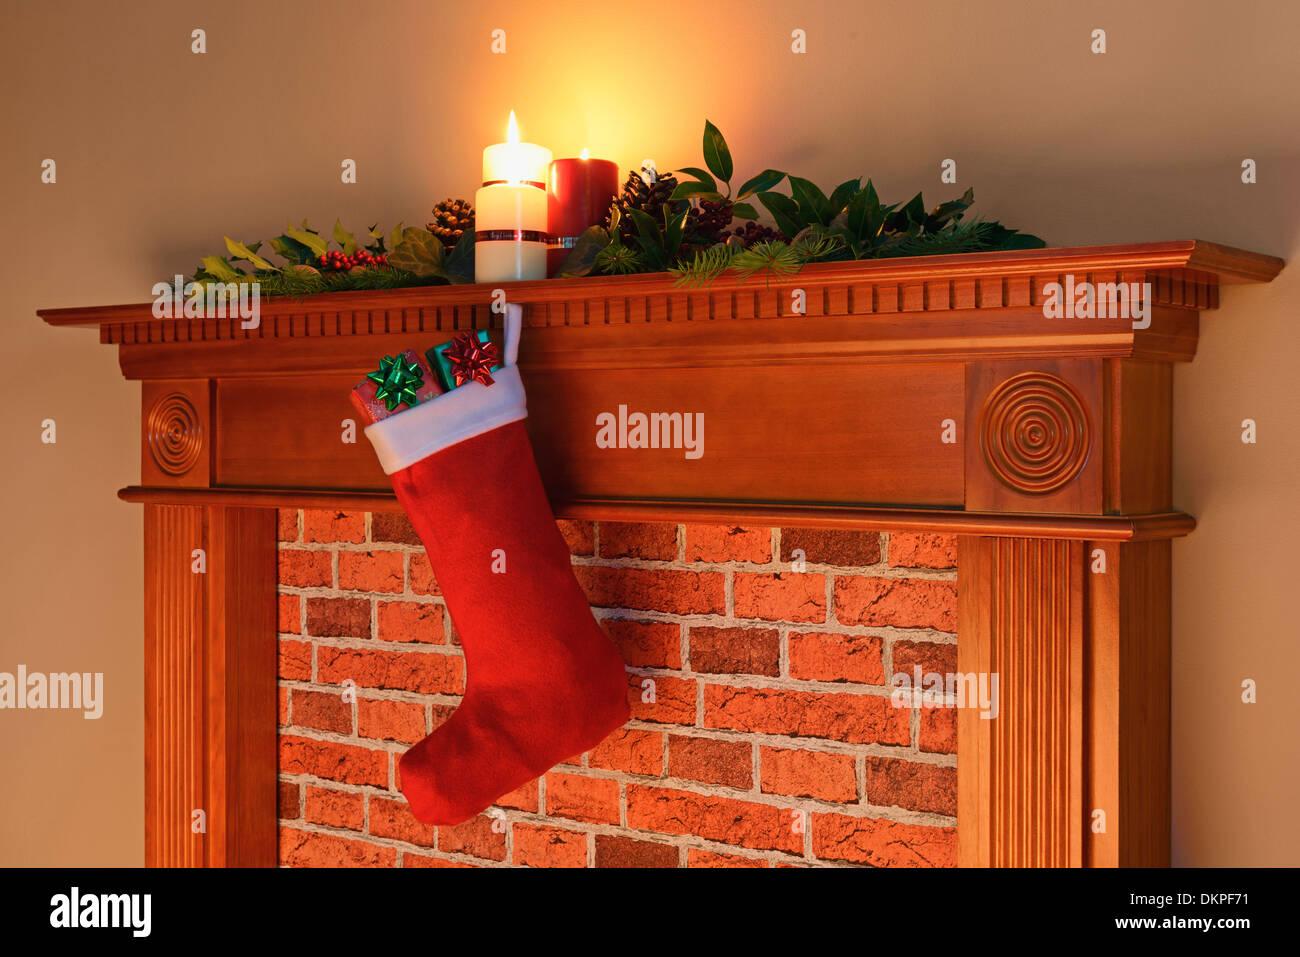 Ein Weihnachts-Strumpf voller Geschenke hängen von einem Kaminsims ...